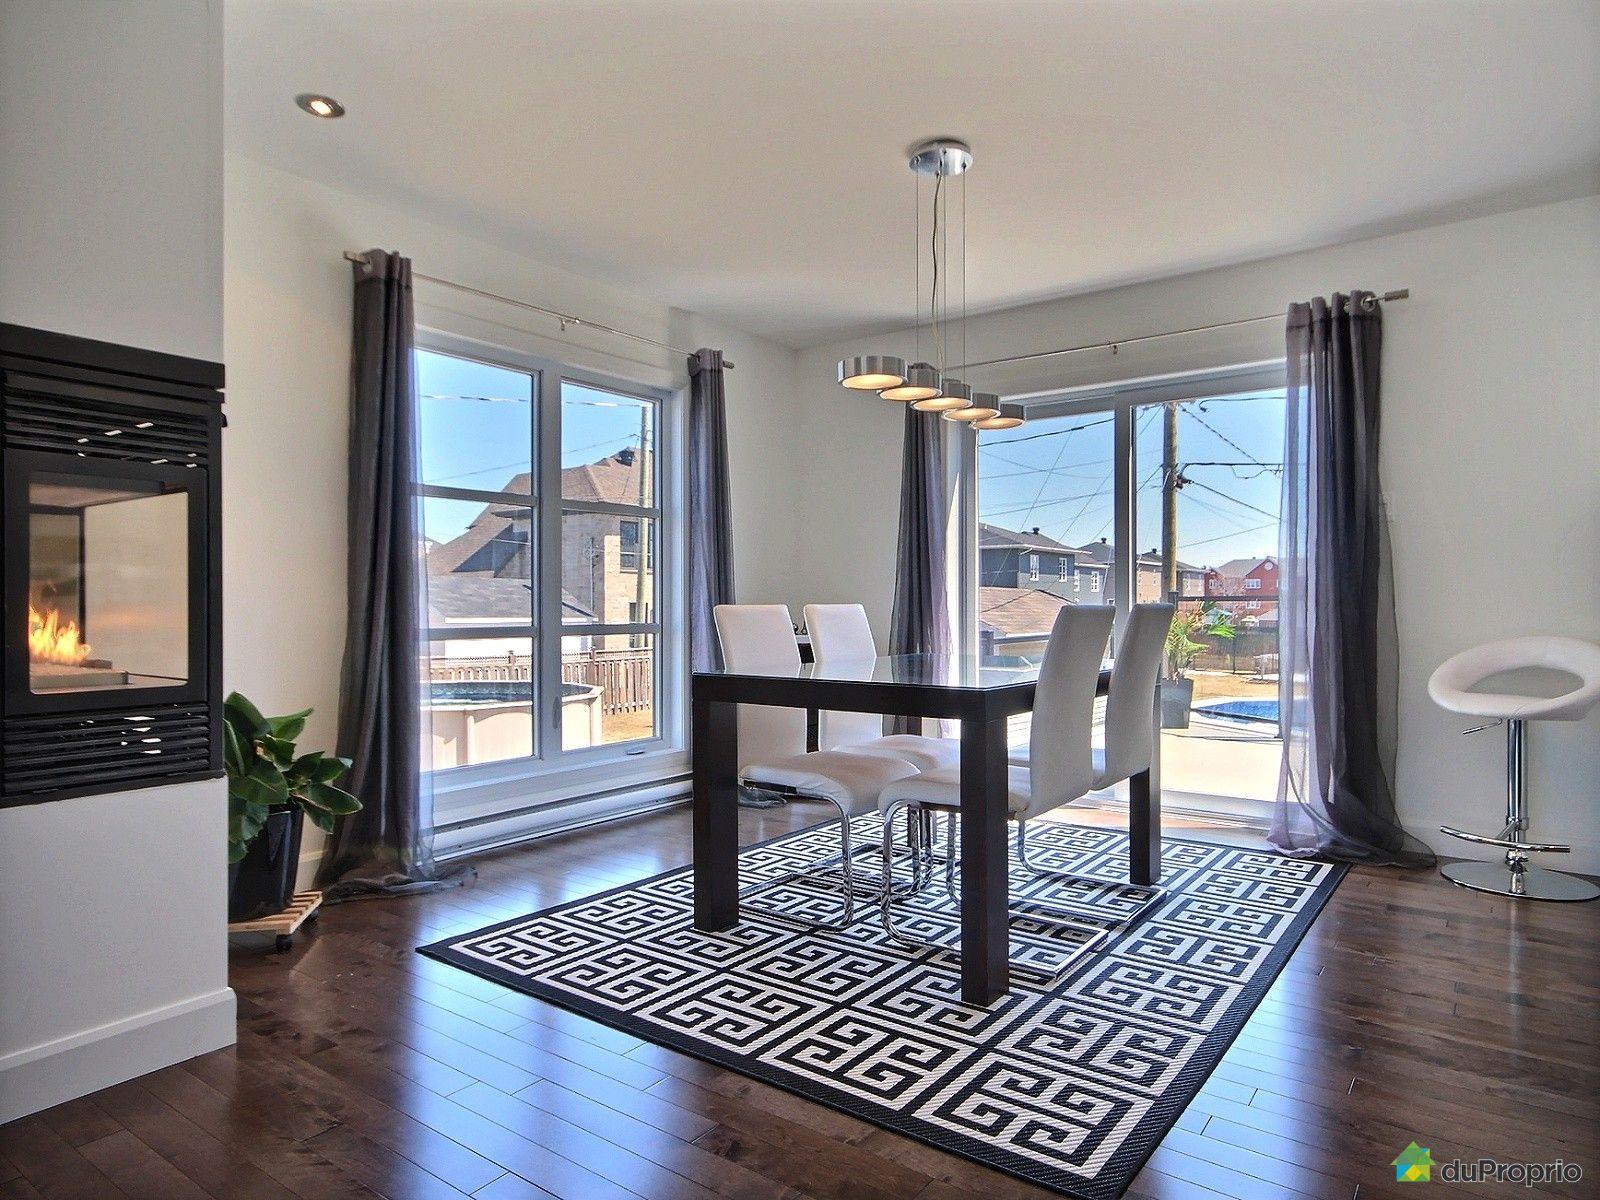 Maison à vendre l'ancienne lorette, 1451 rue de l'affluent ...